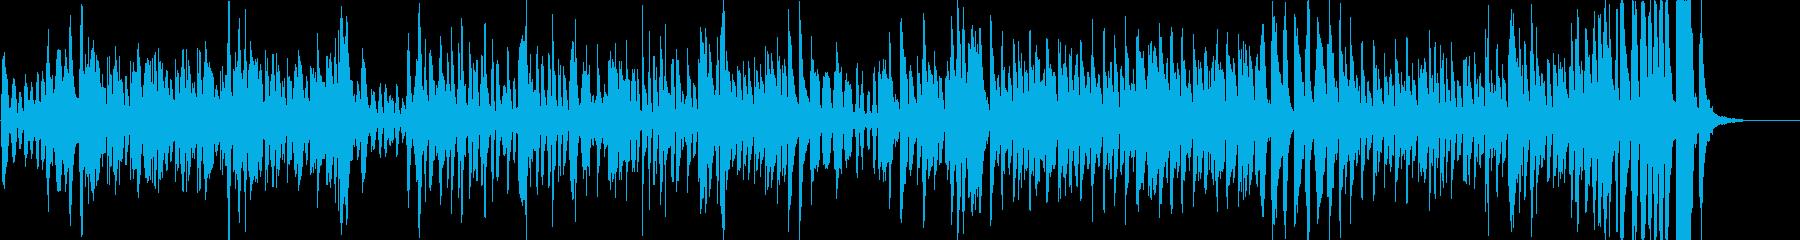 可愛らしいカートゥーンサウンドの再生済みの波形